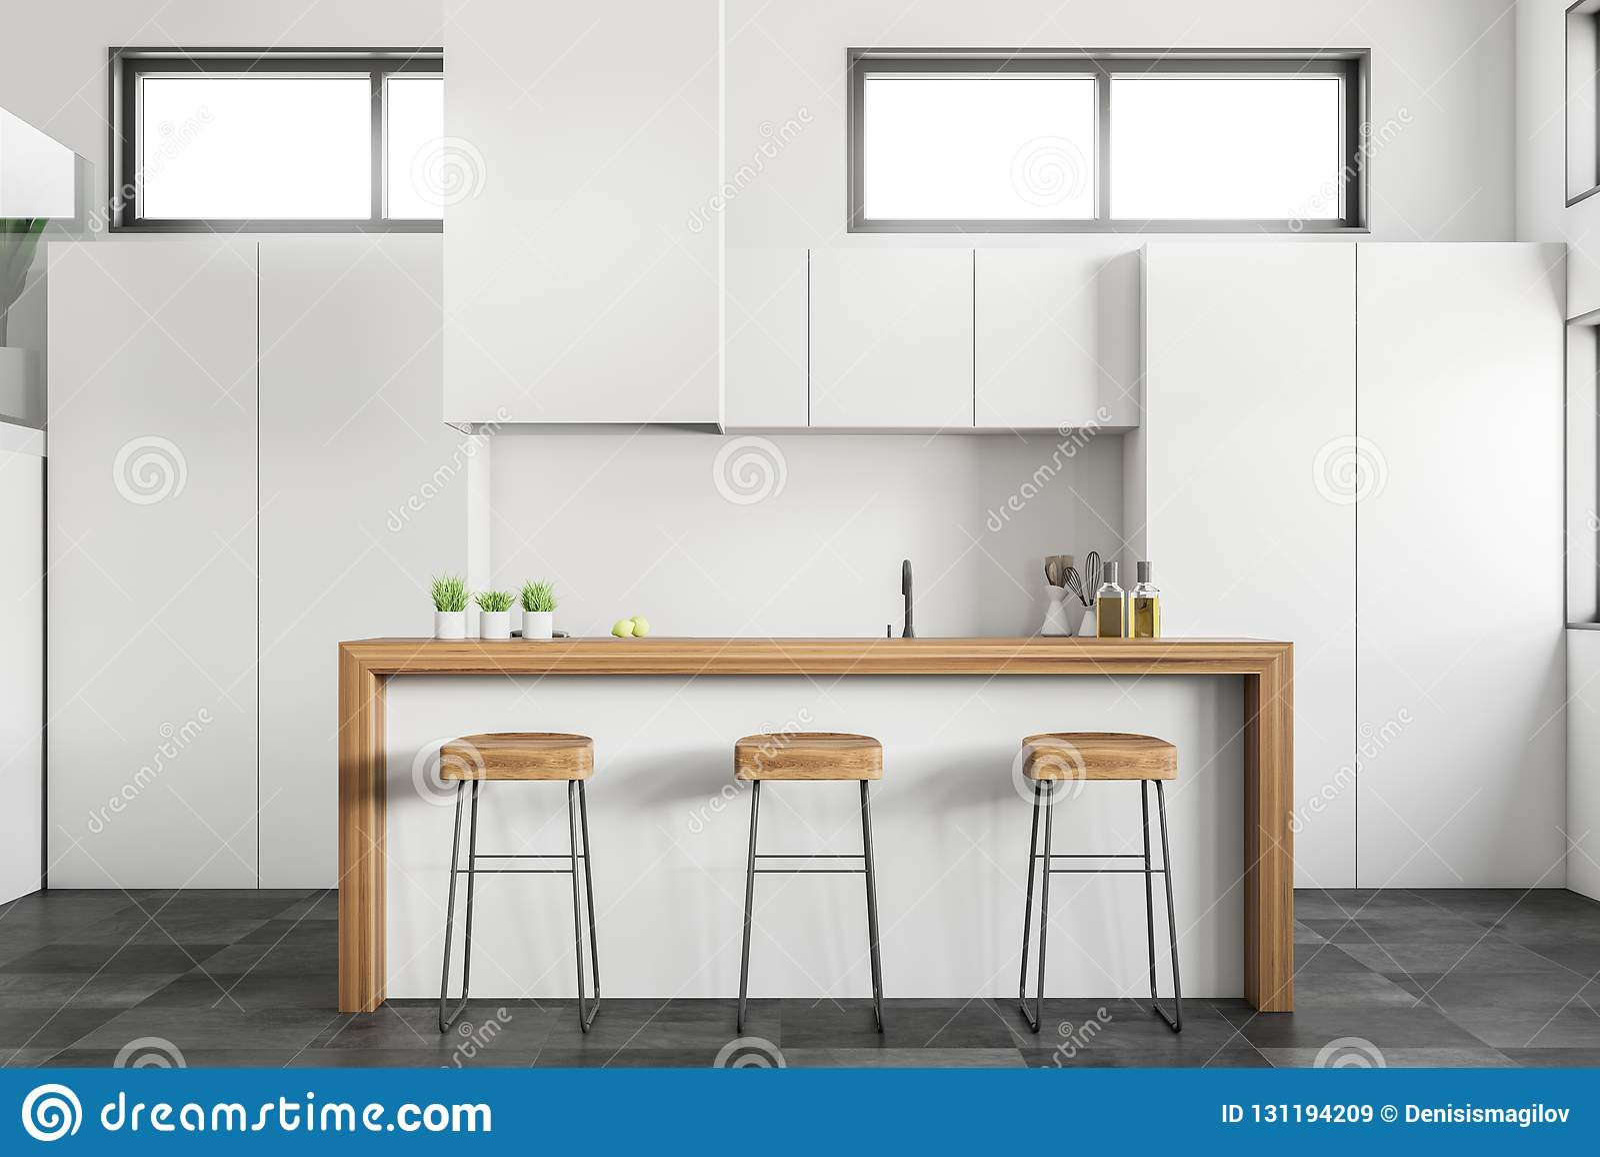 fotos de cocina blanca Cocina Blanca Con La Barra Stock De Ilustracin Ilustracin